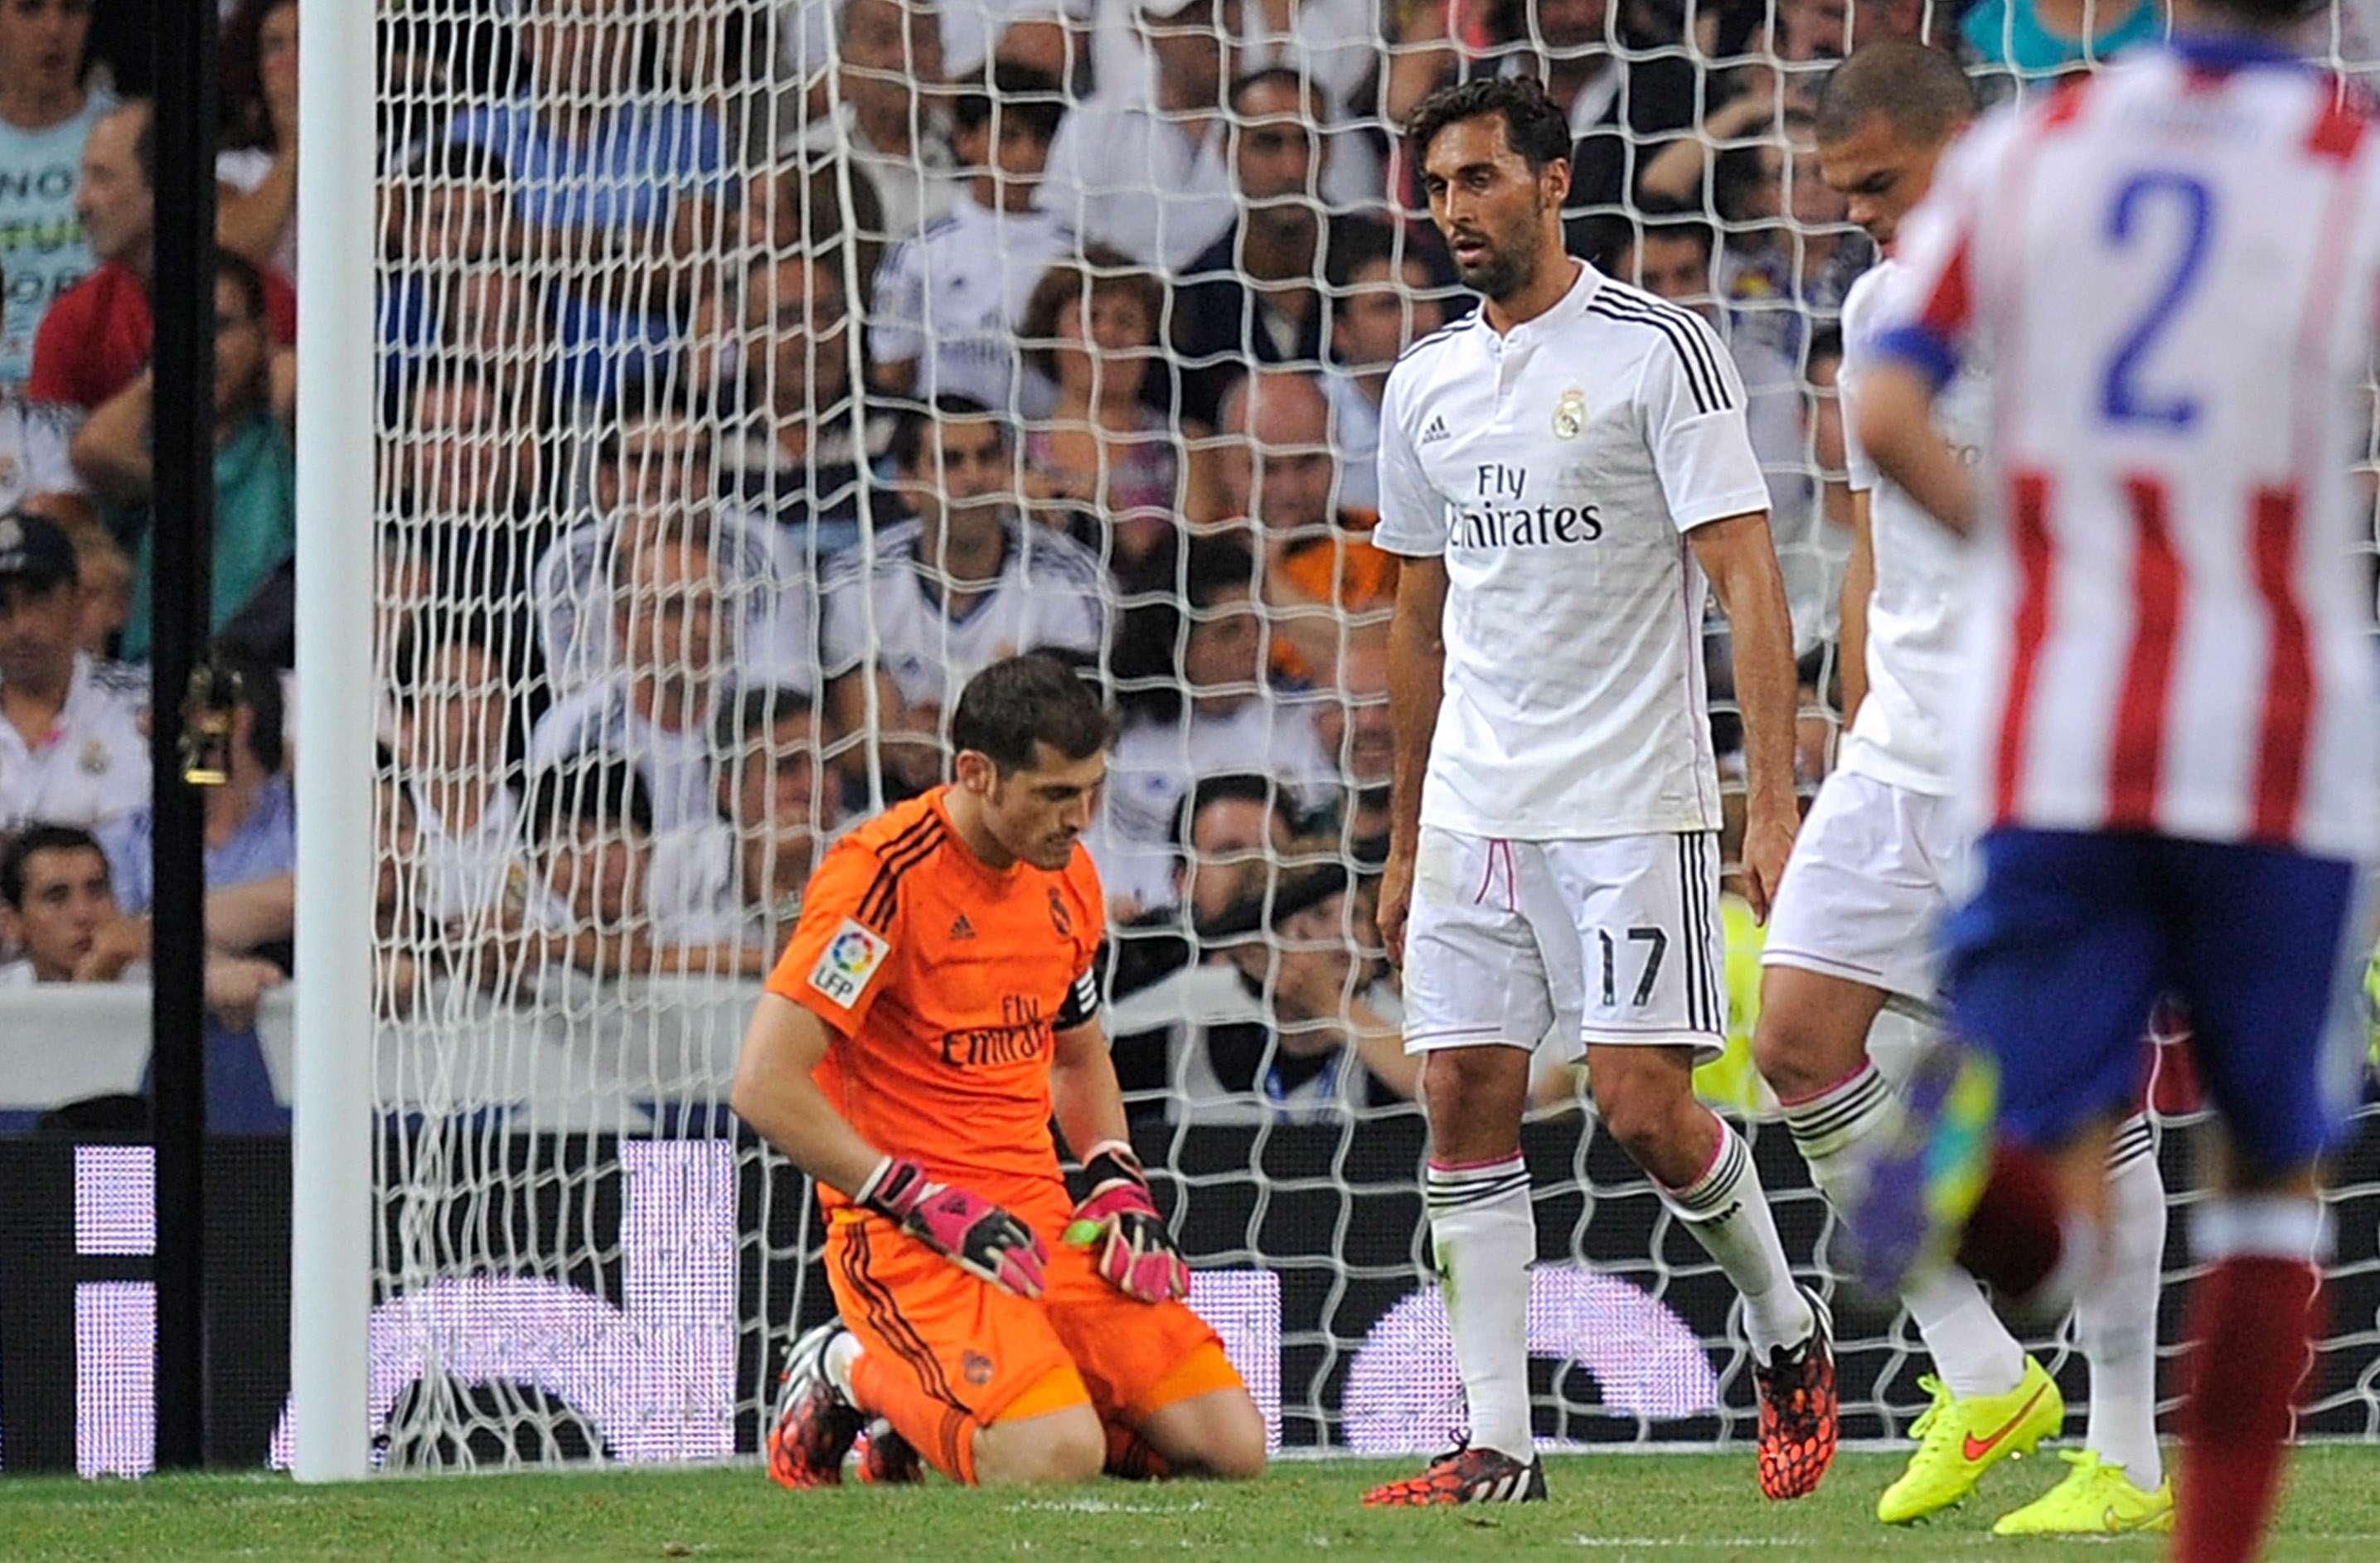 Celta 2 - Real Sociedad 2. Jonny se convirtió en protagonista en el descuento. Marcó en propia puerta el tanto del empate de la Real. Foto: EFE en español